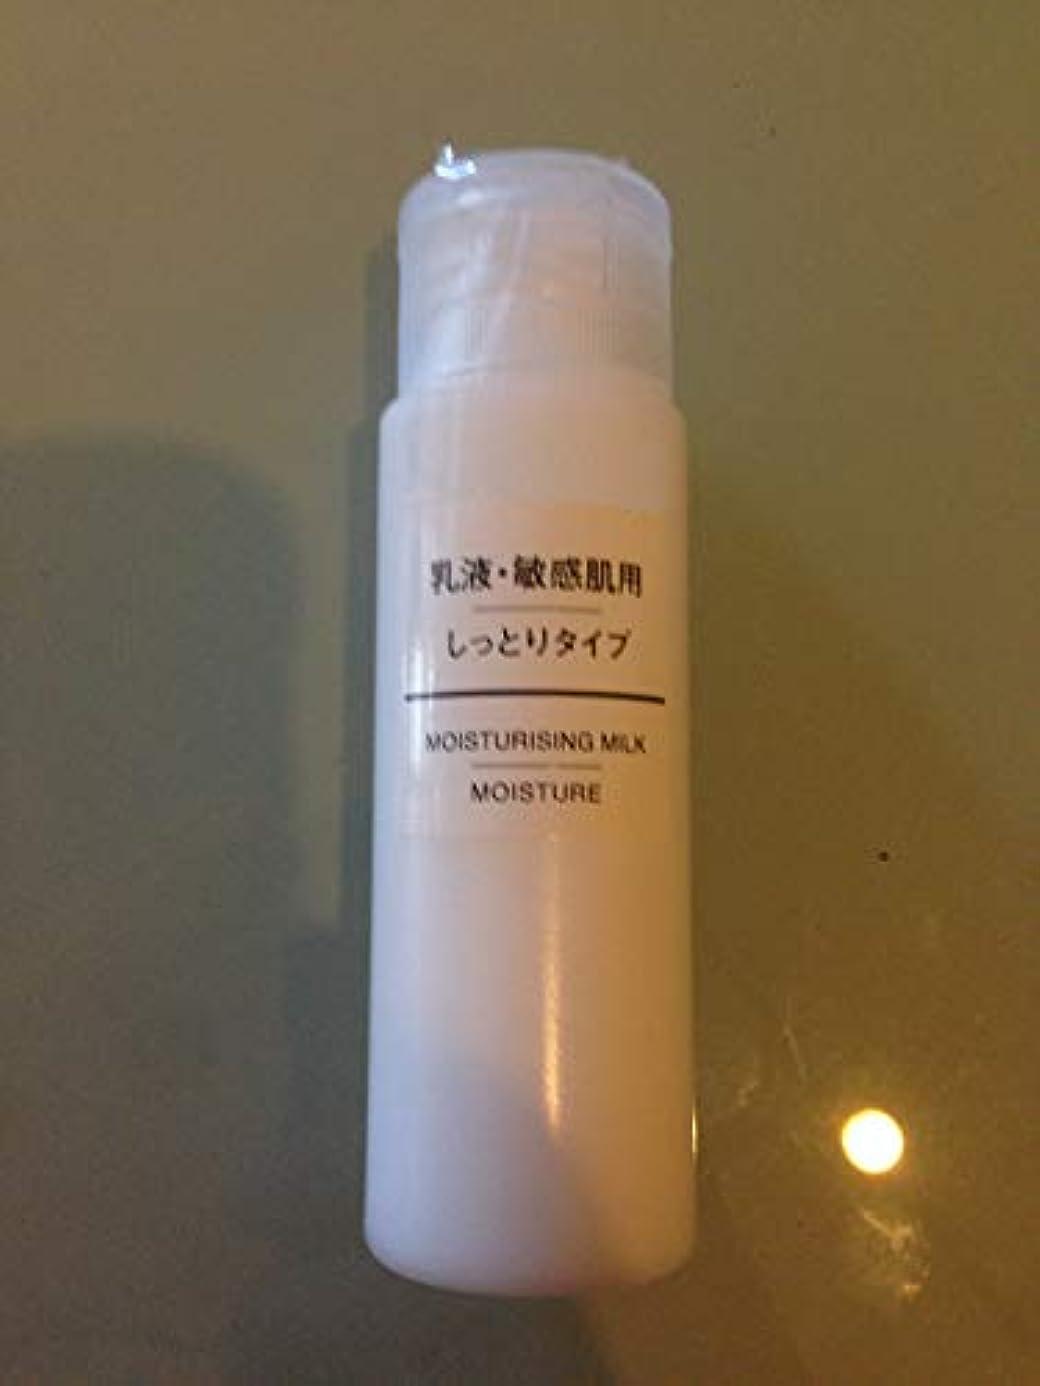 ほのか誕生日シビック無印良品 乳液 敏感肌用 しっとりタイプ(携帯用) 50ml